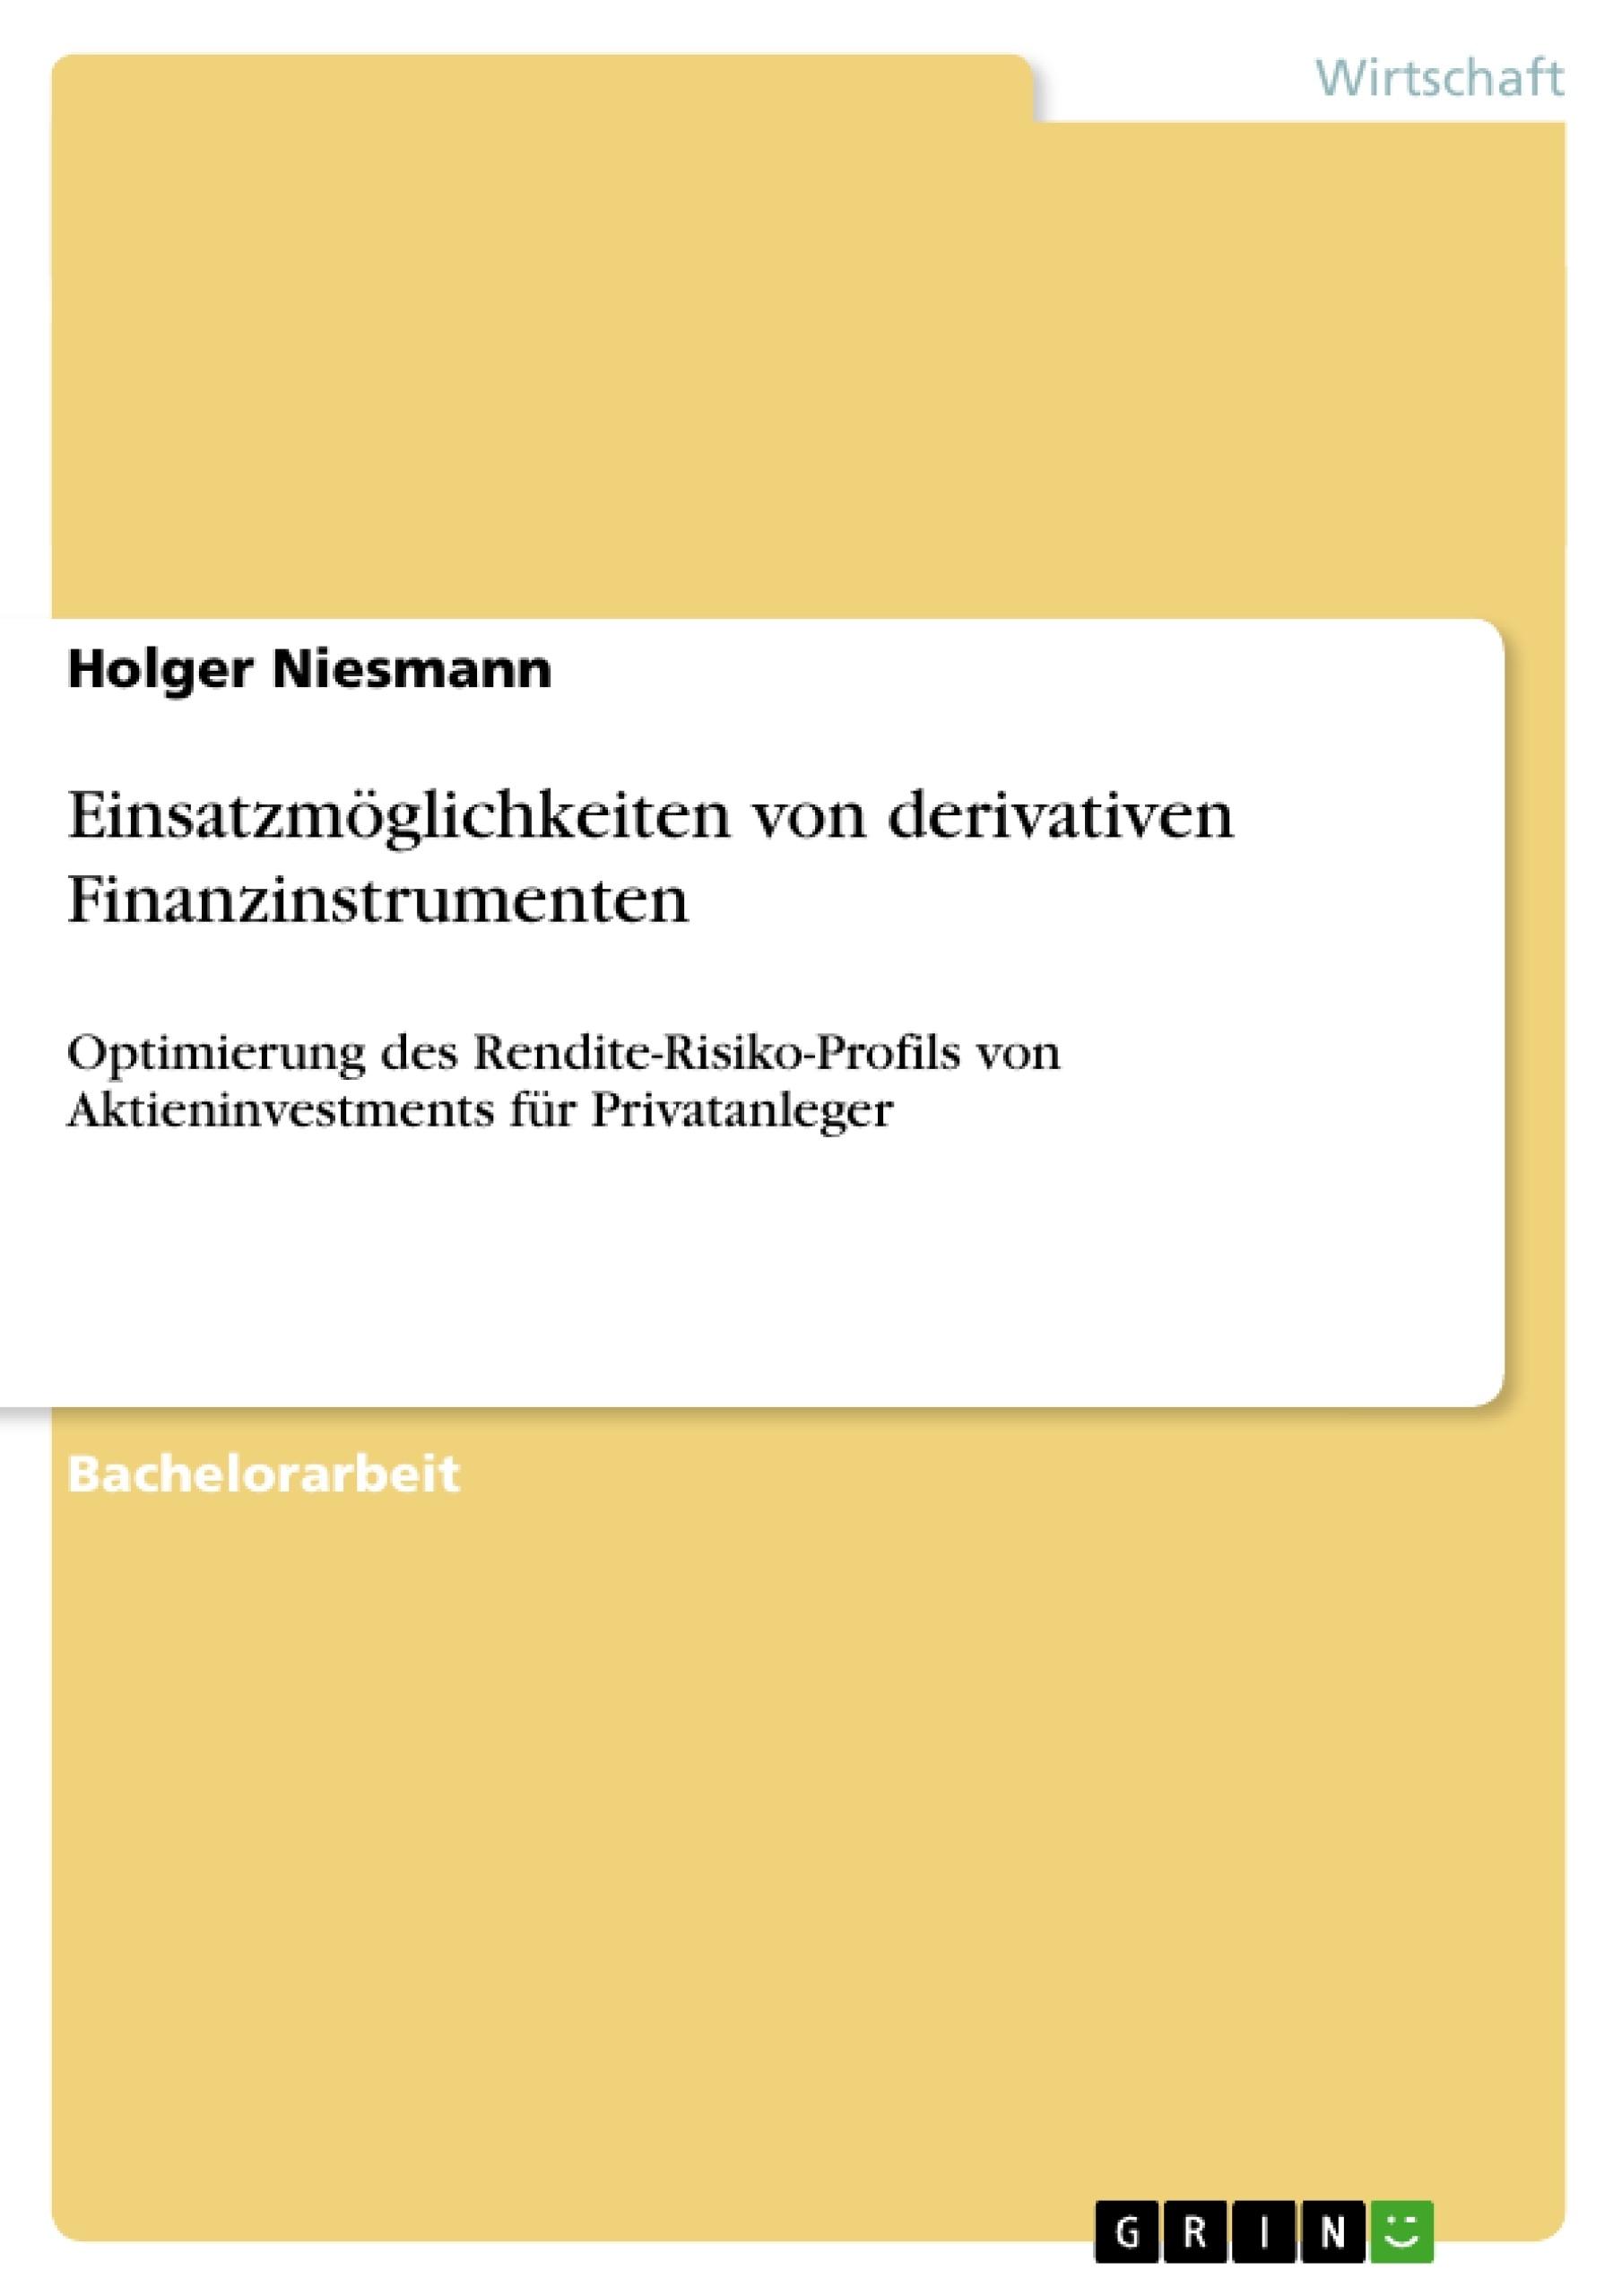 Titel: Einsatzmöglichkeiten von derivativen Finanzinstrumenten